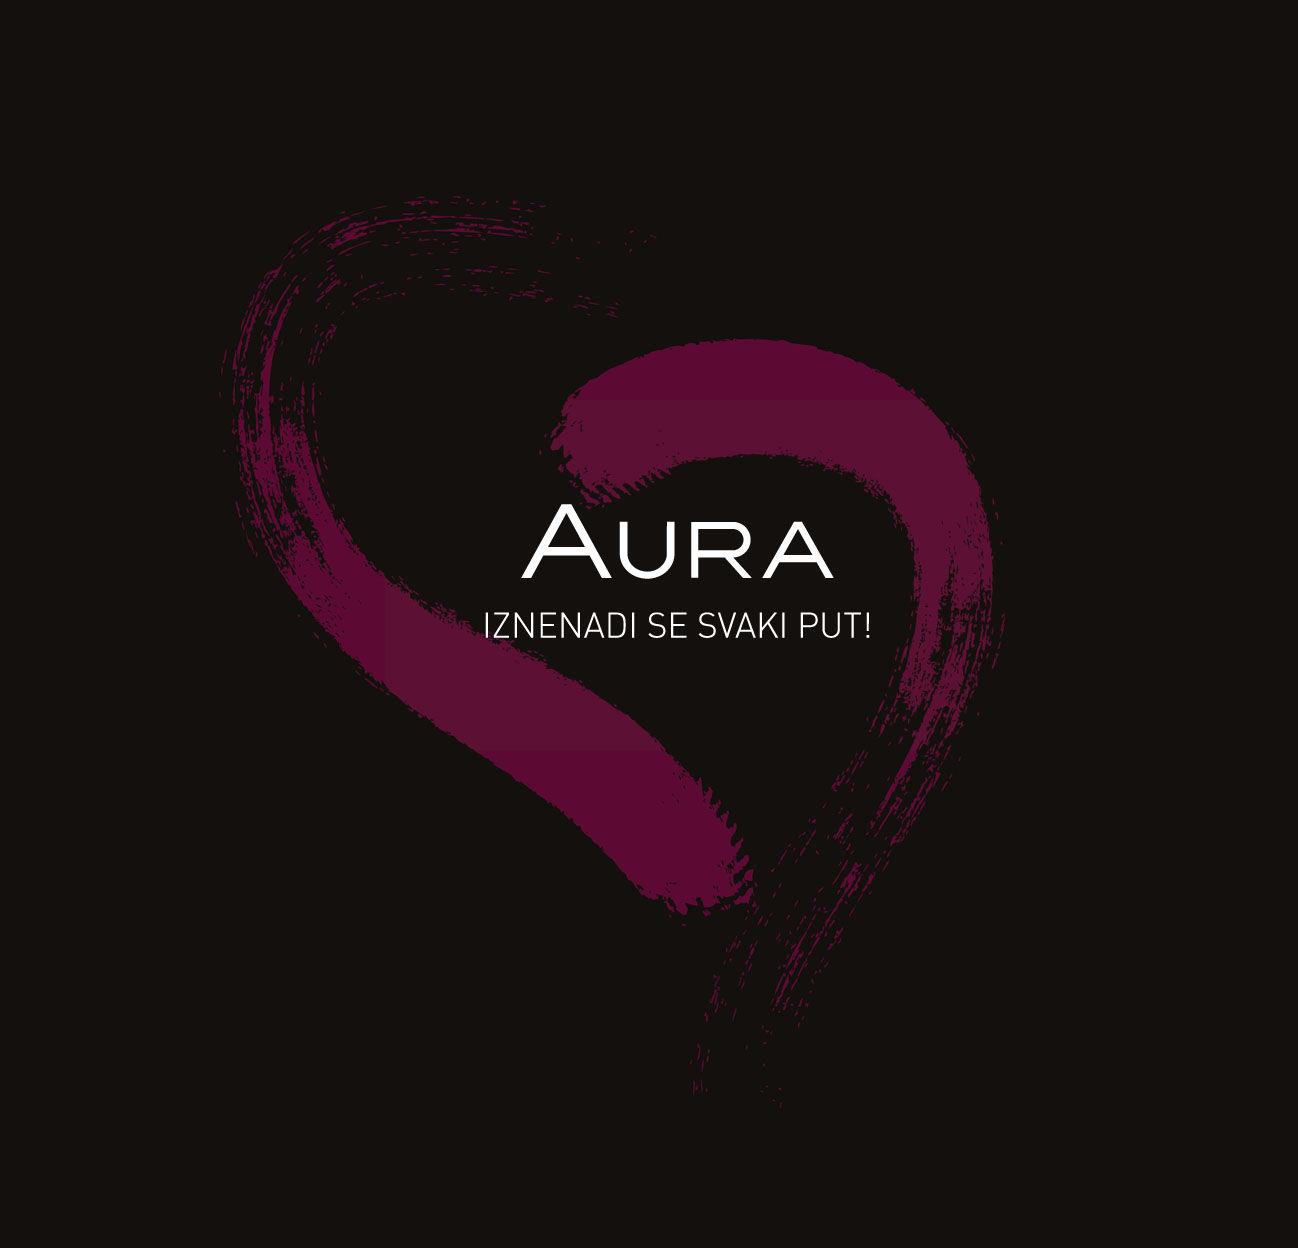 Aura Kozmetika